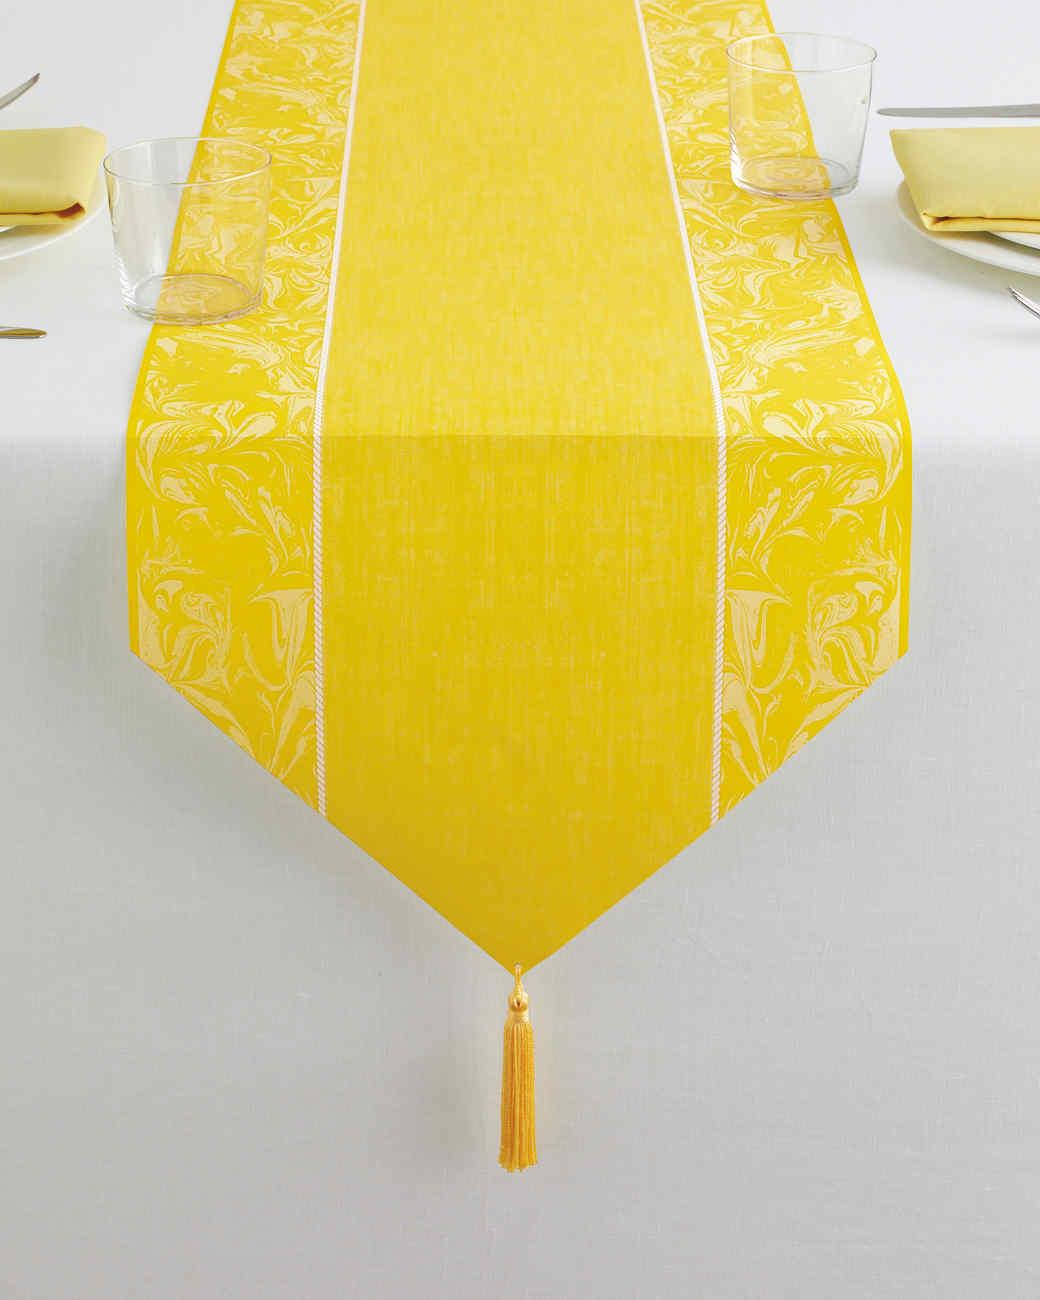 jcp-cel-lemon-012.jpg